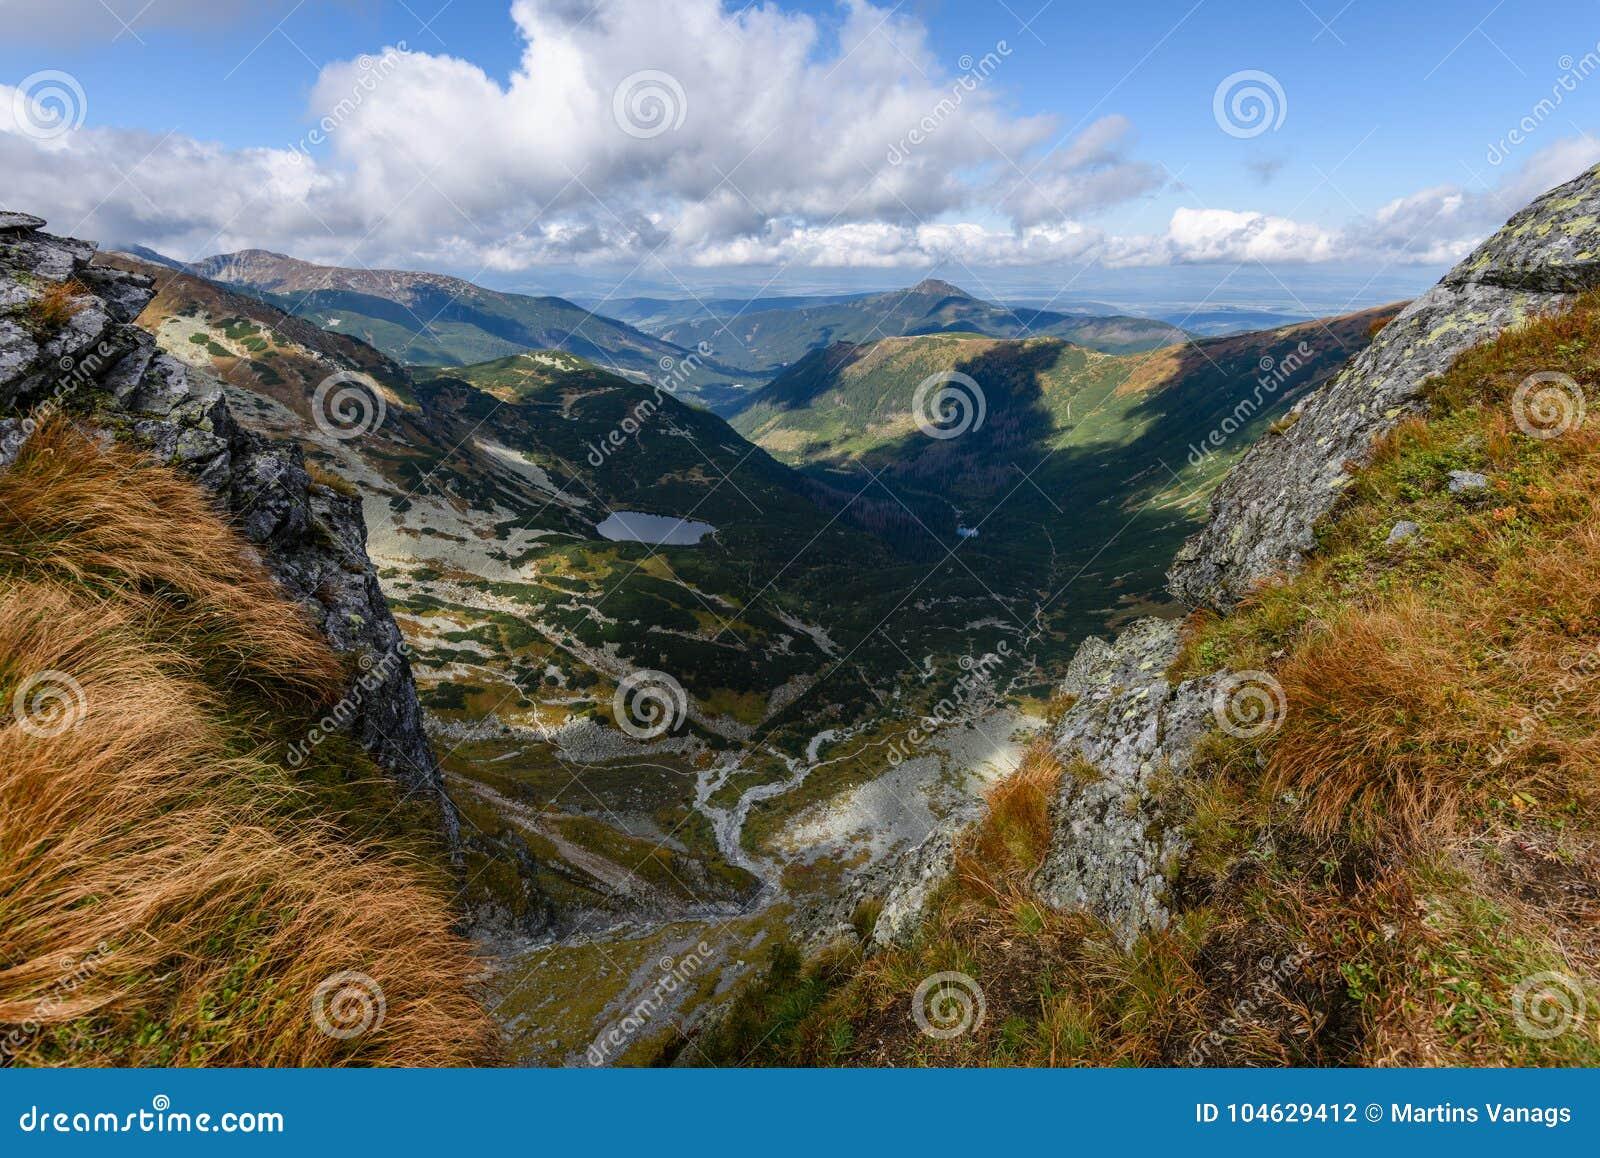 Download De Rotsachtige Mening Van Het Berg Piekgebied In Slowakije Stock Foto - Afbeelding bestaande uit ecologisch, landschap: 104629412